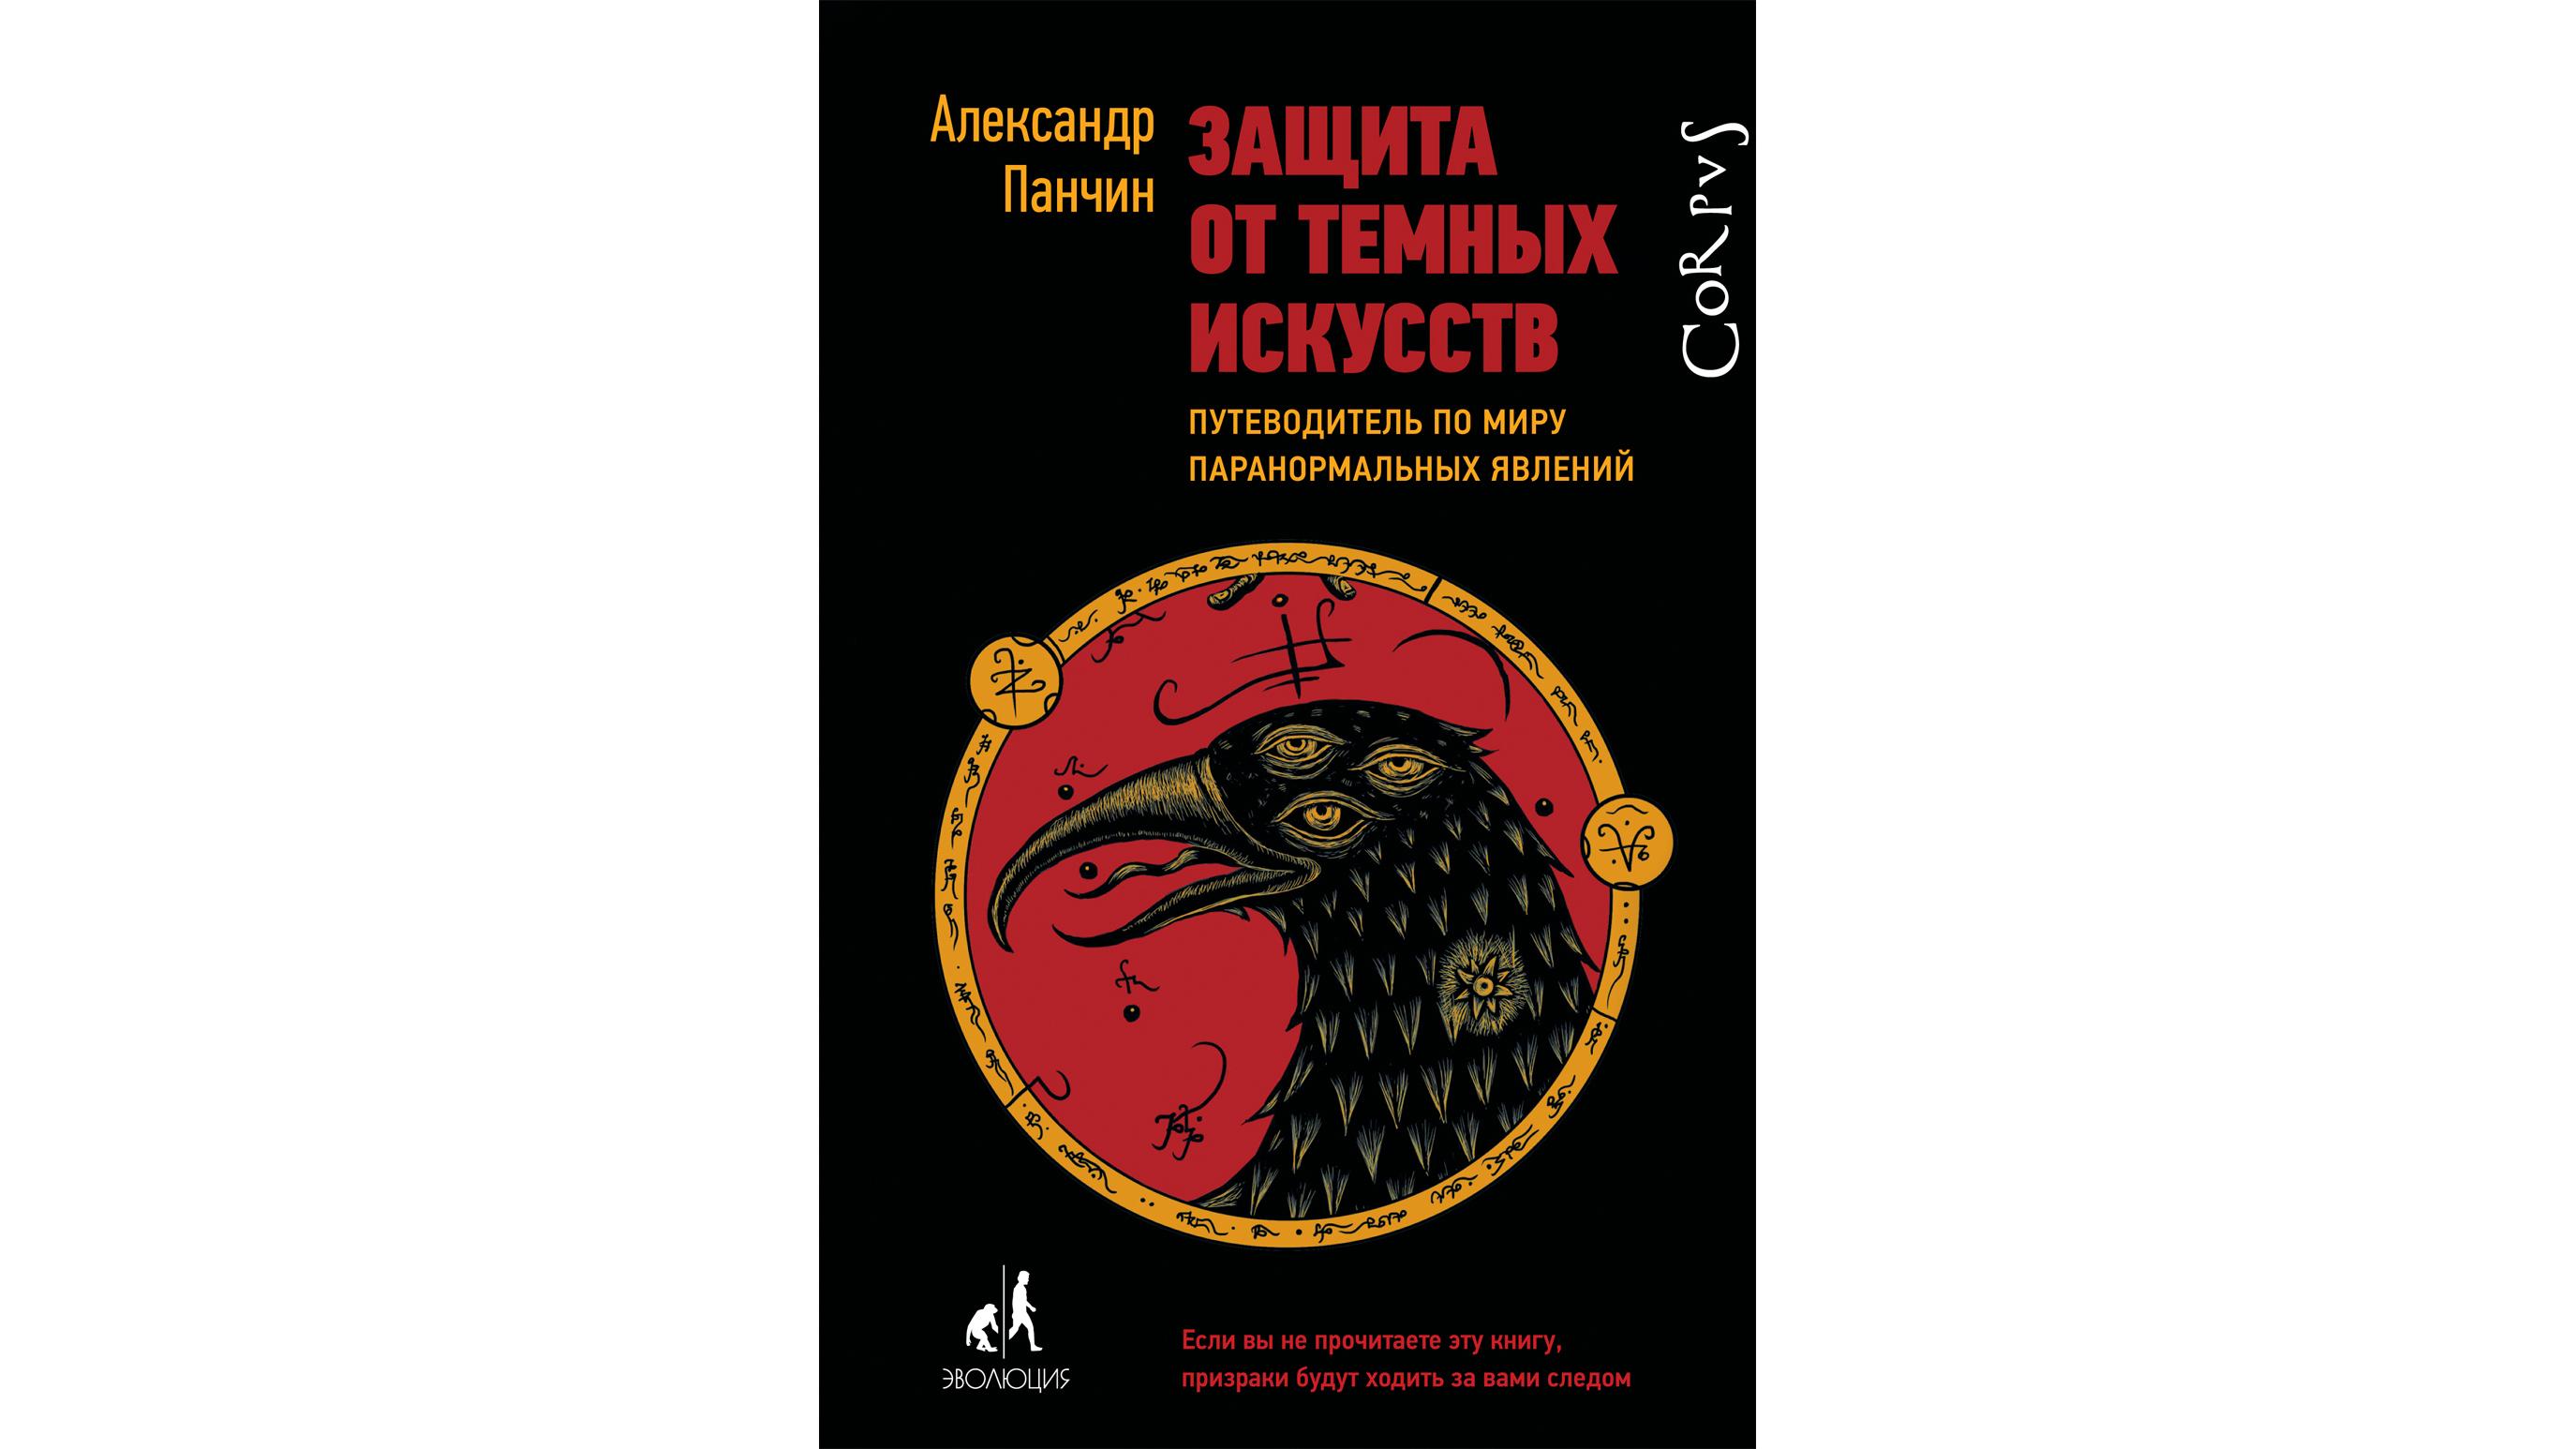 Обложка новой книги Александра Панчина «Защита от тёмных искусств».